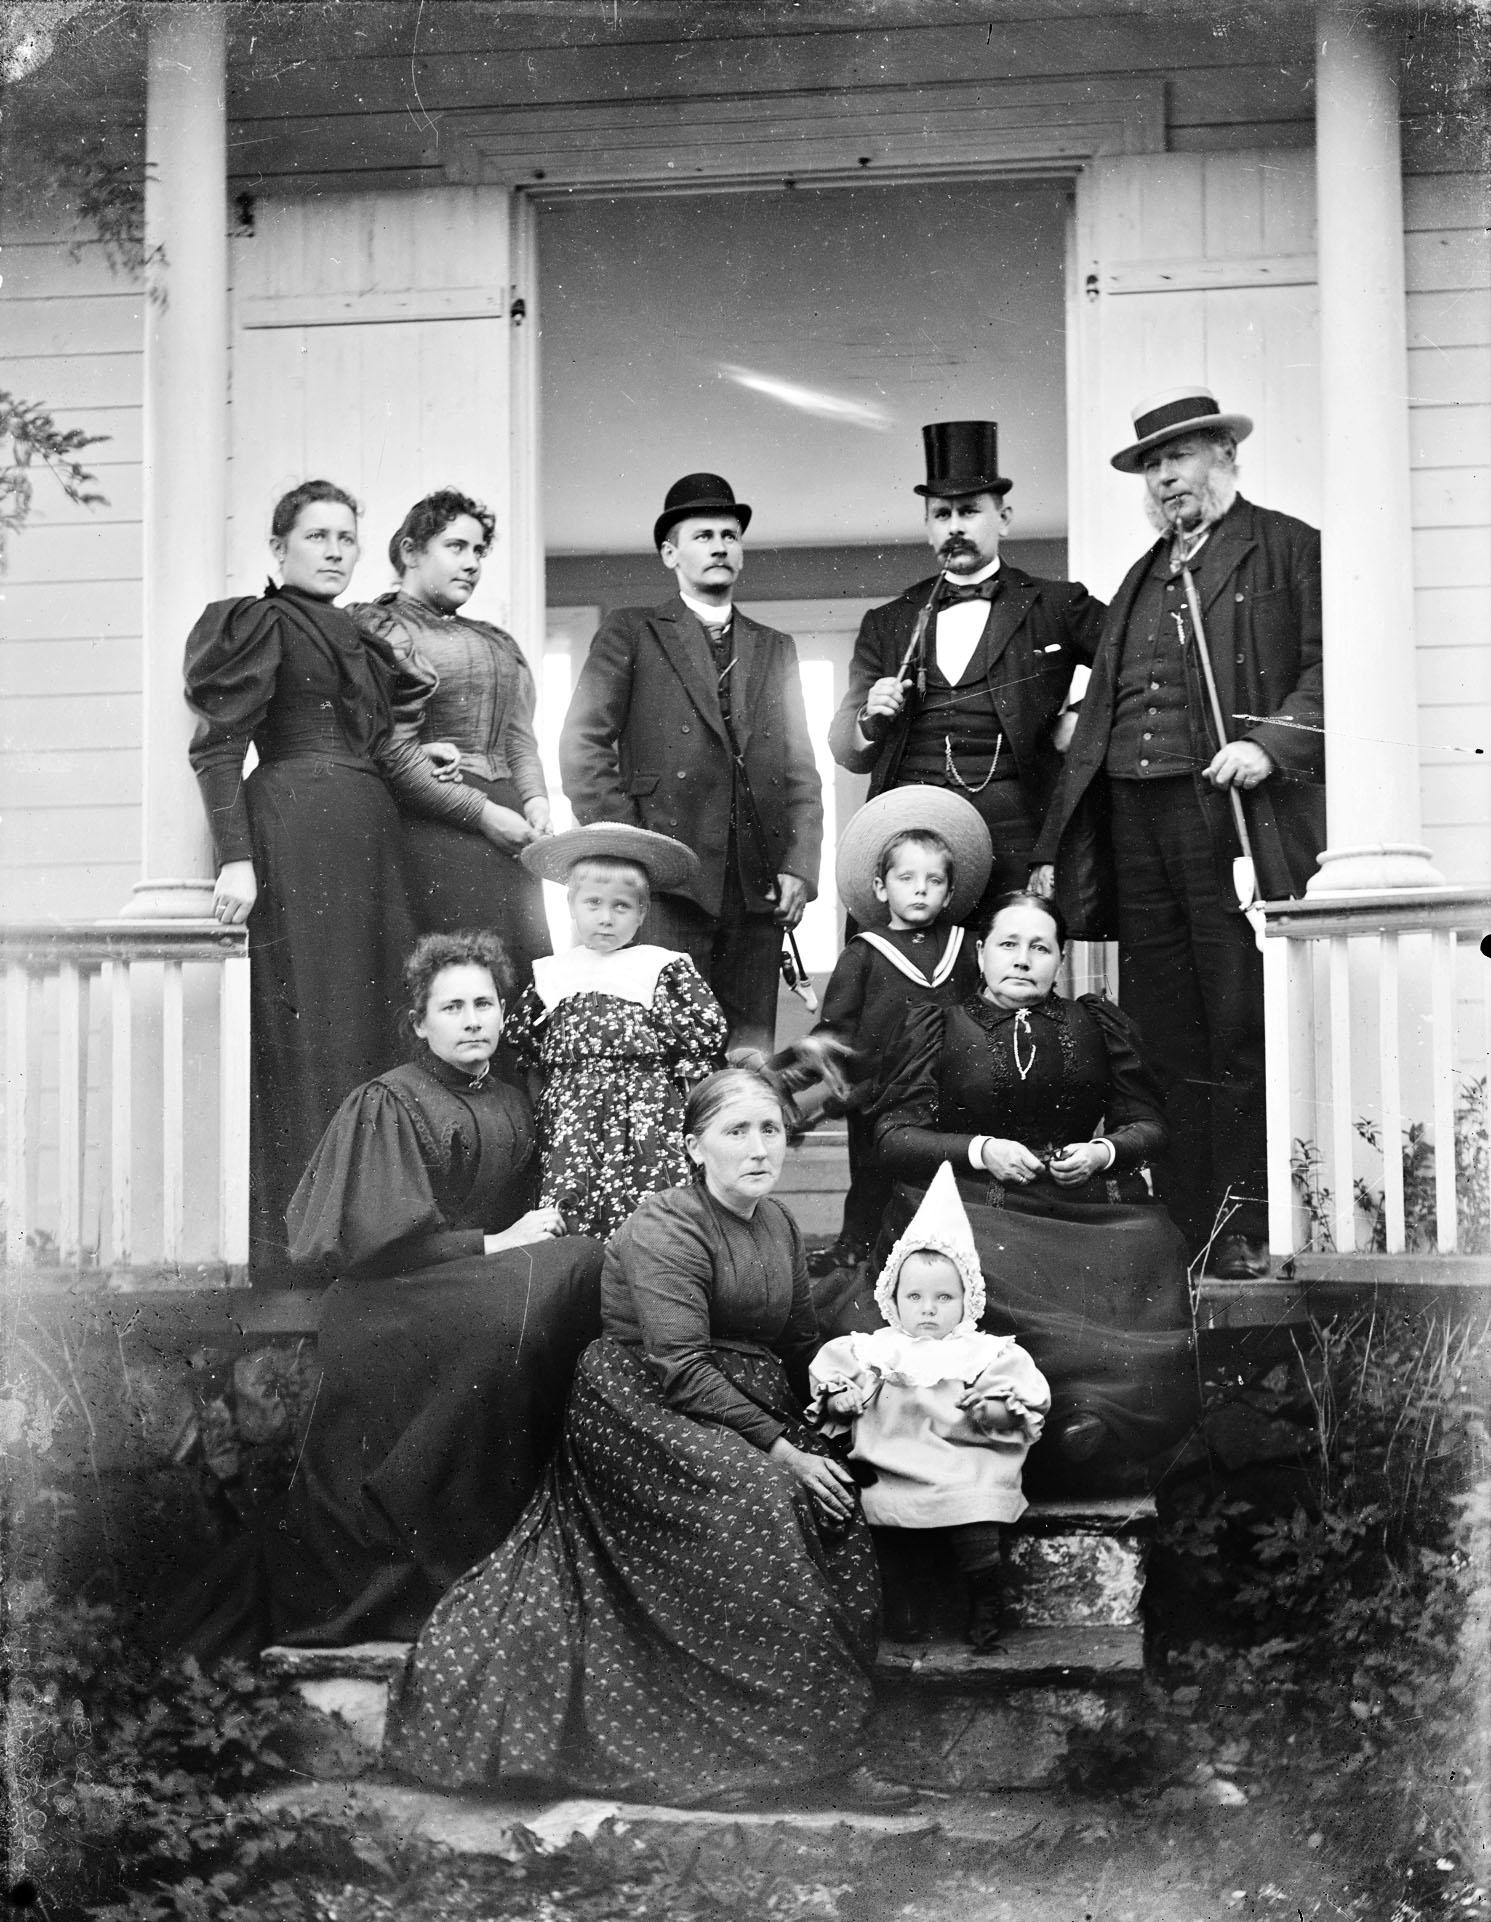 """Familien Bøe på landstedet på Slettebø i Egersund, foto tatt foran lysthuset. Antatt fotografert 1898. Fra venstre: Bakerst: Kirsten Bøe, Anna Bøe, Ole Hamre Bøe, Dr. Wilhelm Bøe, Wilhelm Bøe. Foran: Engel Hveding med datter Christine, sønn Wilhelm Hveding og Engel Bøe. Lengst framme: Barnepiken """"Goa"""" med Engel Hveding. Foto: E. H. Torjusen, DFF-EHT0063 (retusjert)."""